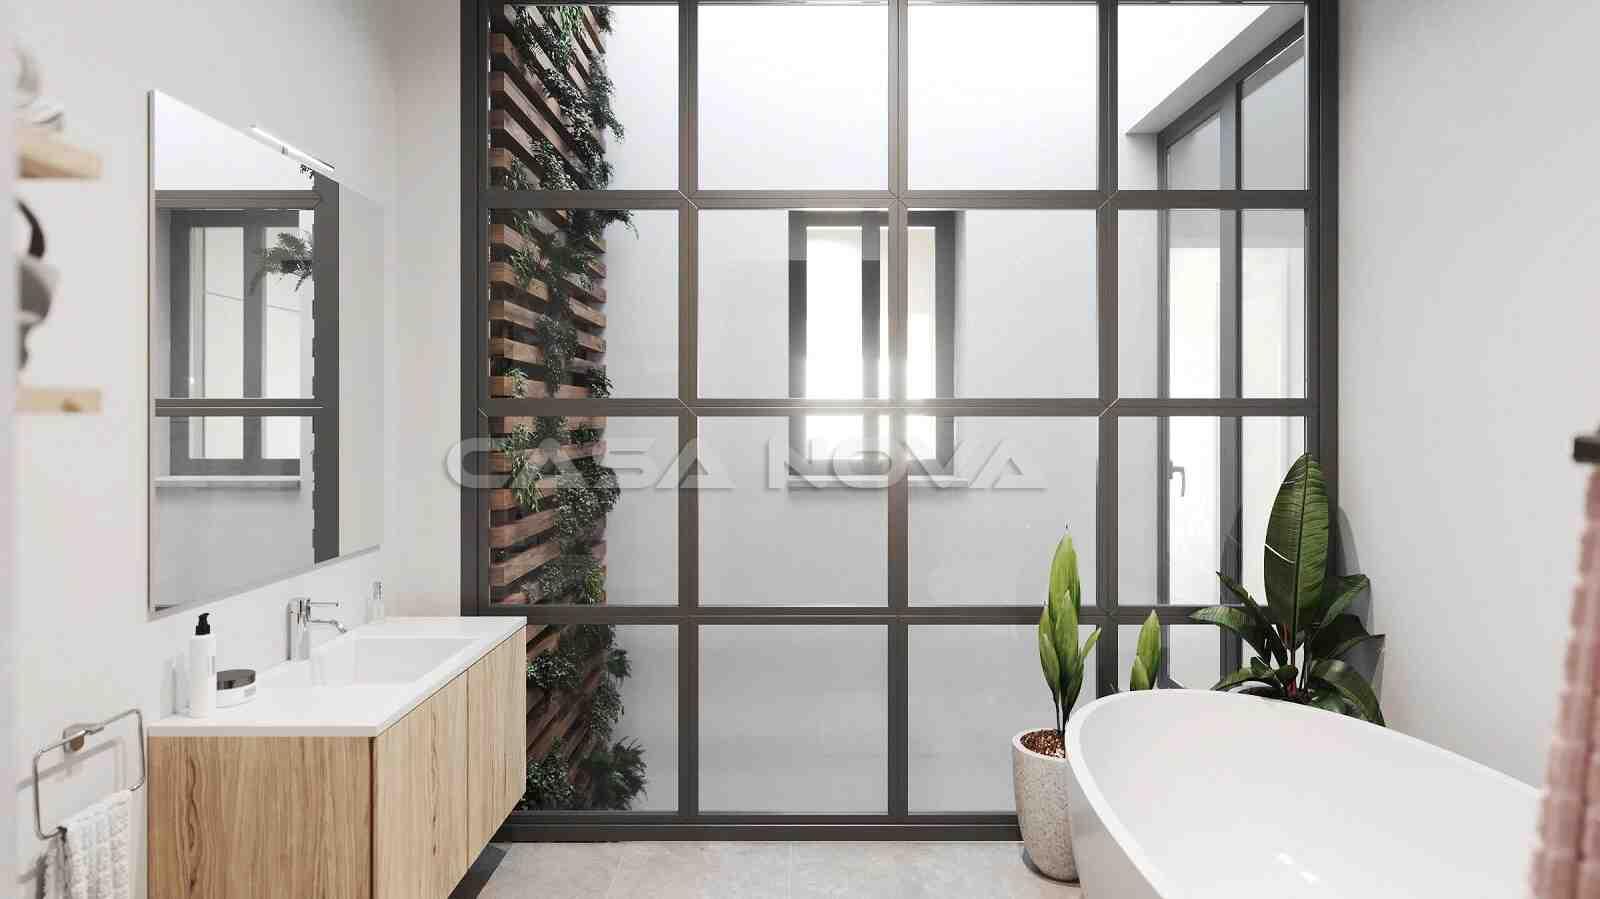 Avantgardisches Badezimmer mit großen Fensterelementen